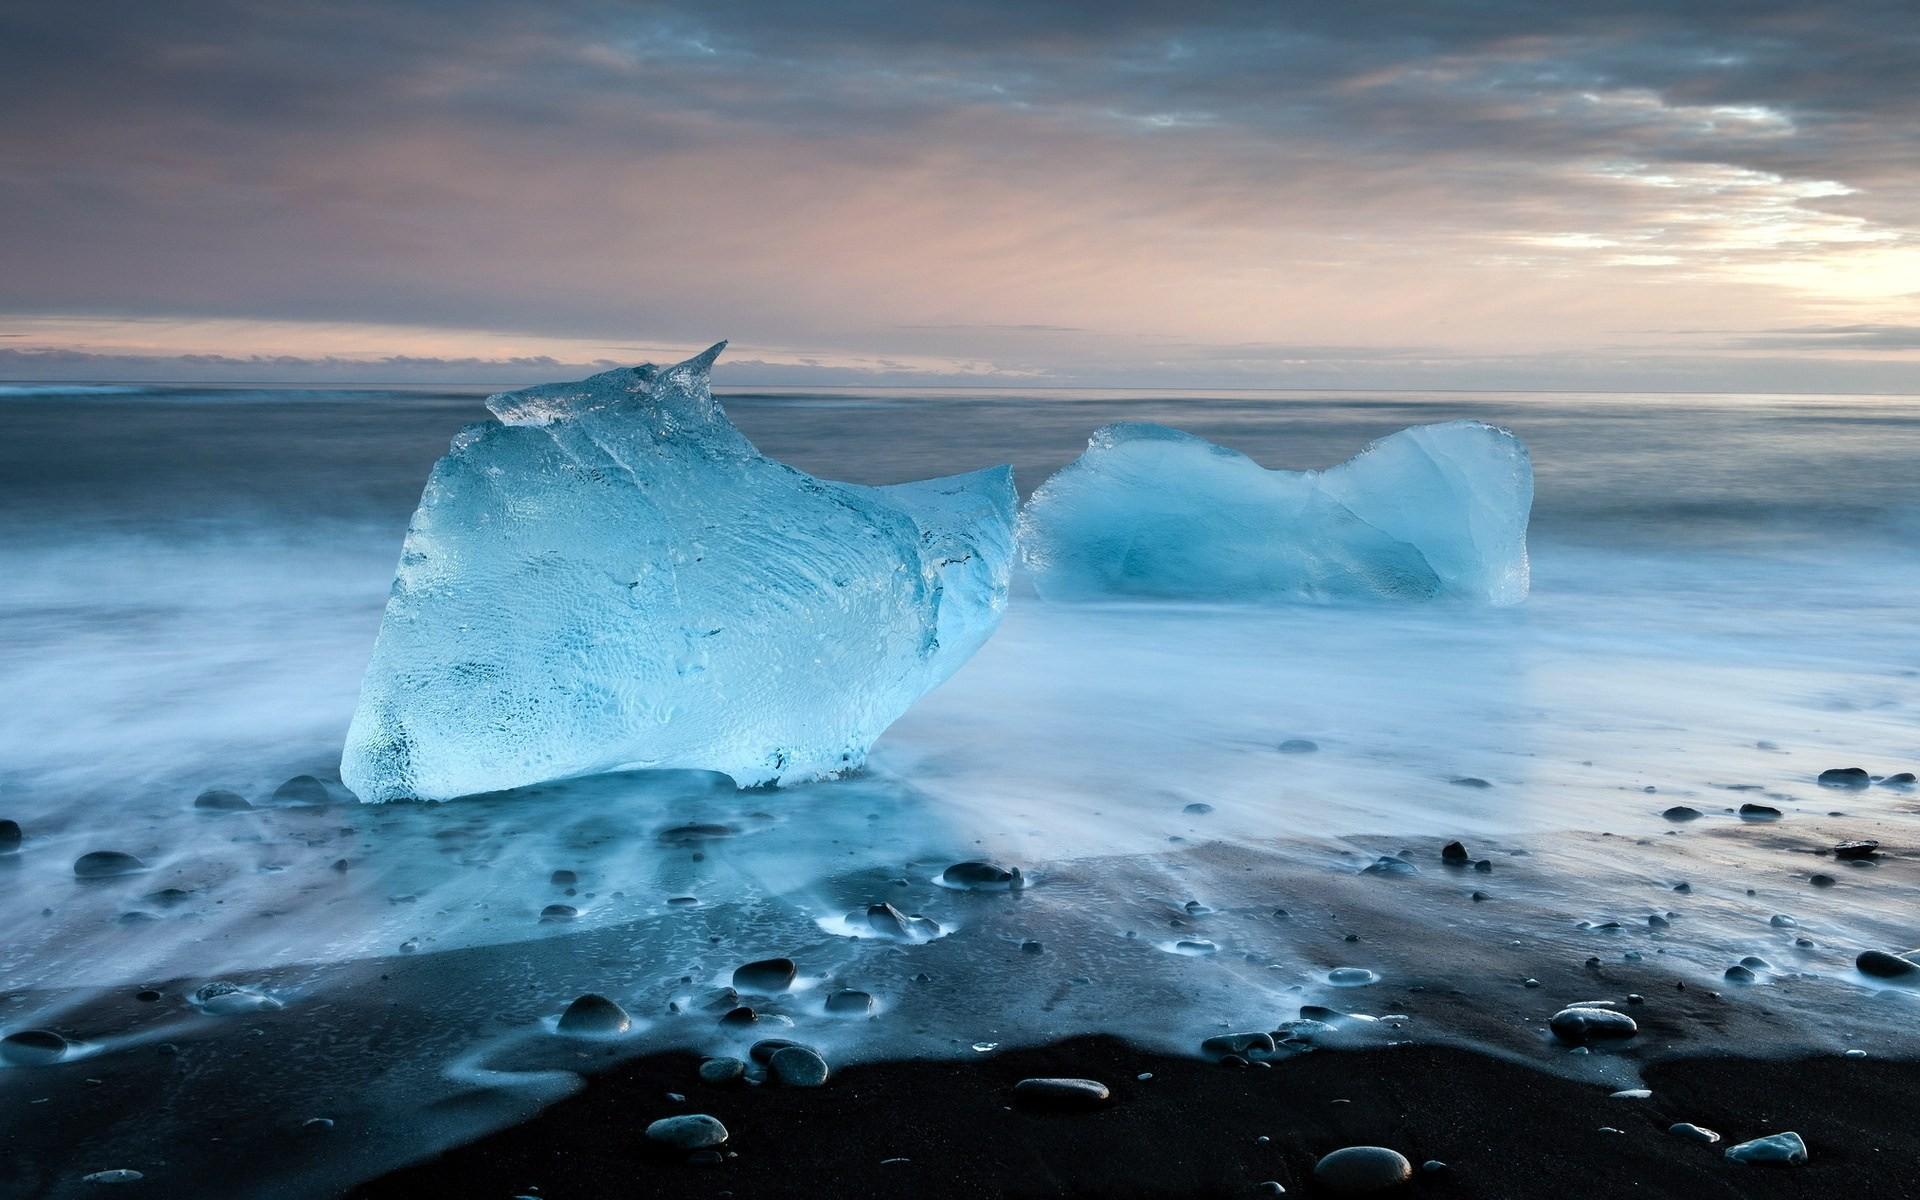 ледяные глыбы небо бесплатно